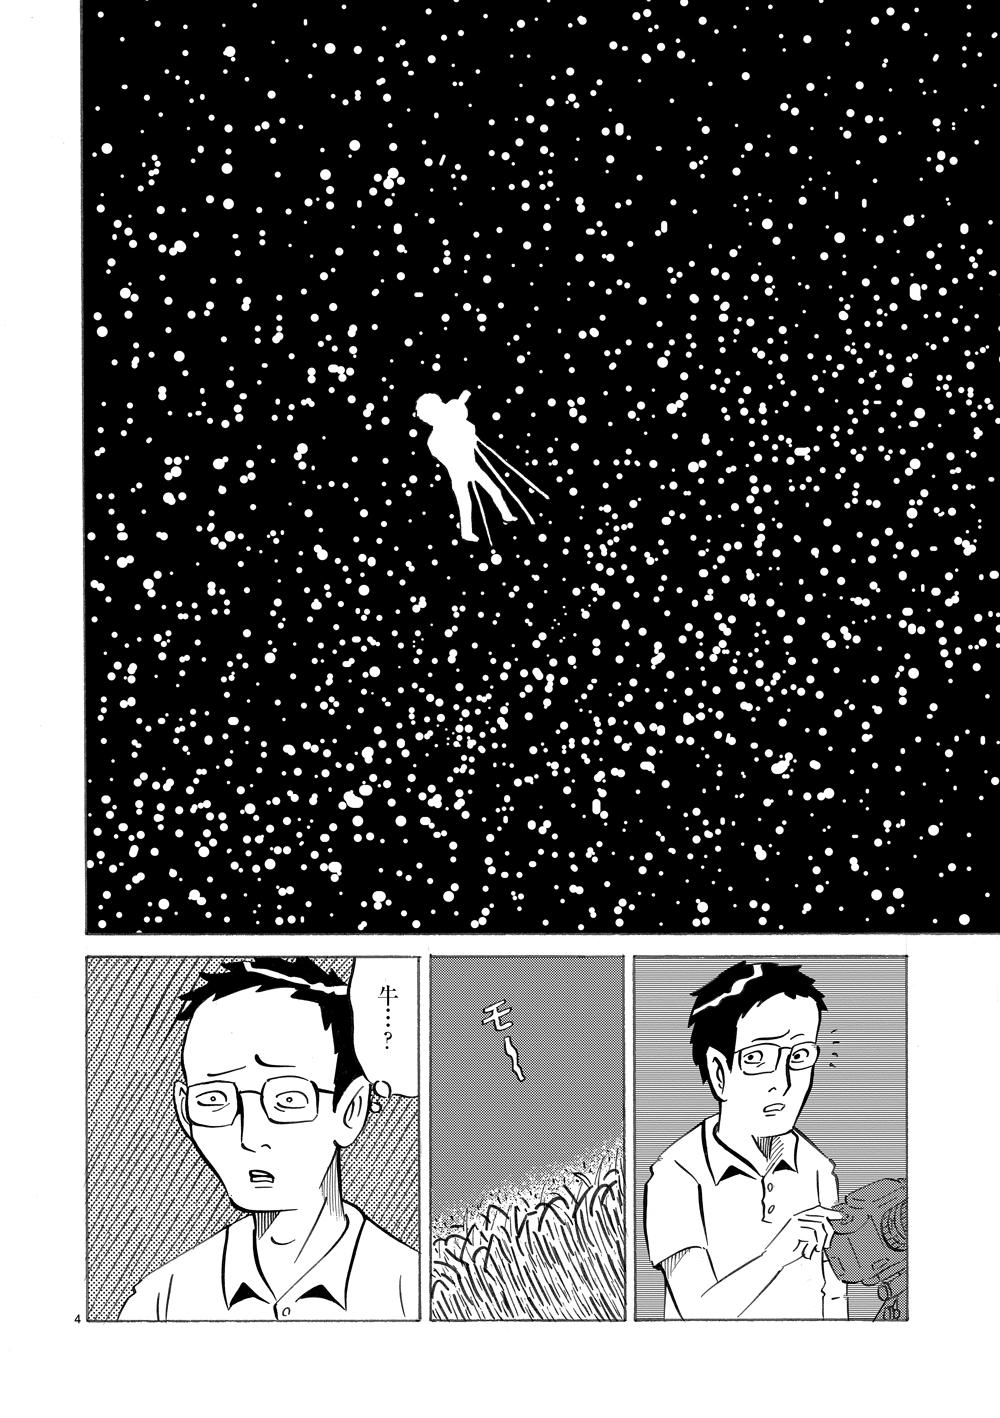 琉球怪談 【第7話】WEB掲載4ページ目画像